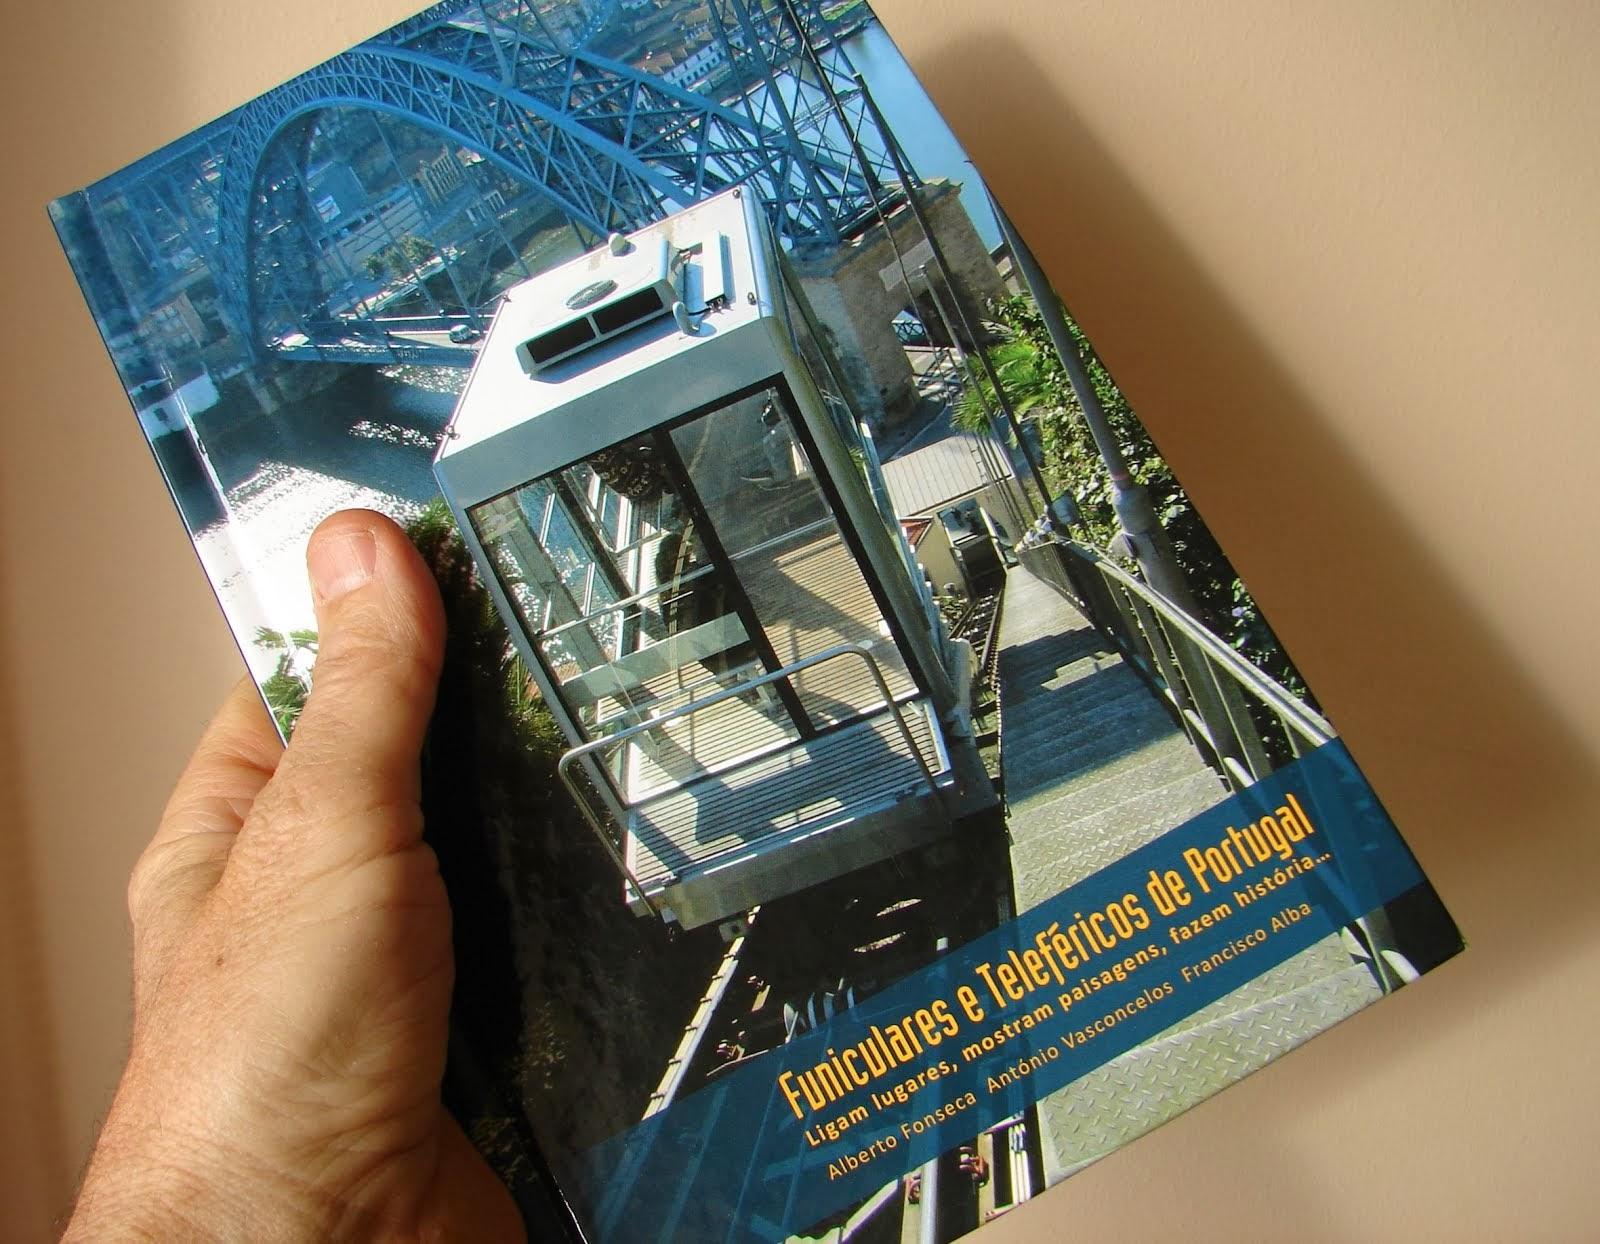 Livro Funiculares e Teleféricos de Portugal